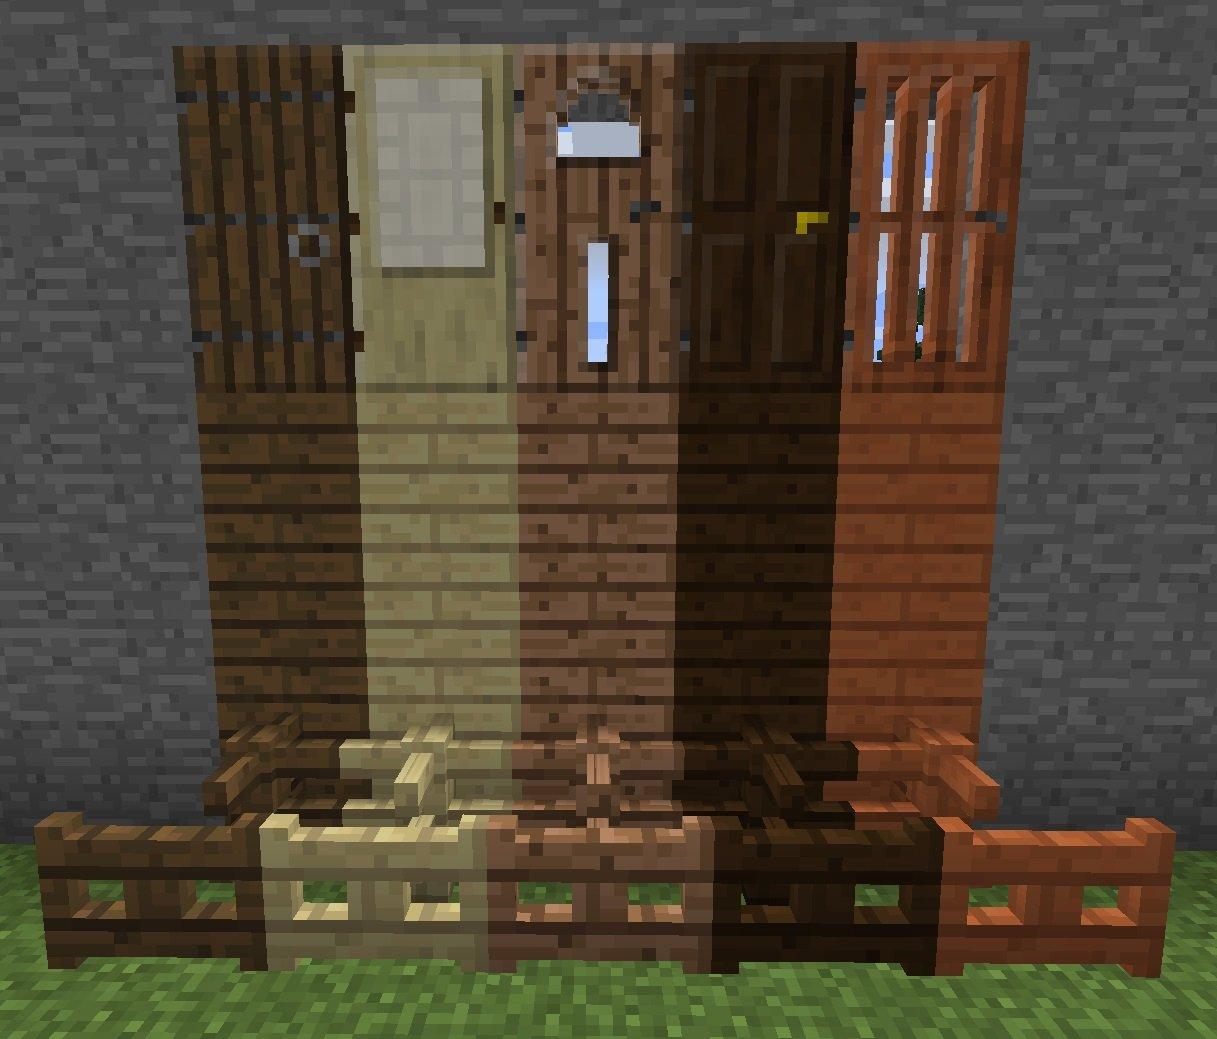 drzwi-plotki-furtki-minecraft-1.8-wszystkie-rodzaje